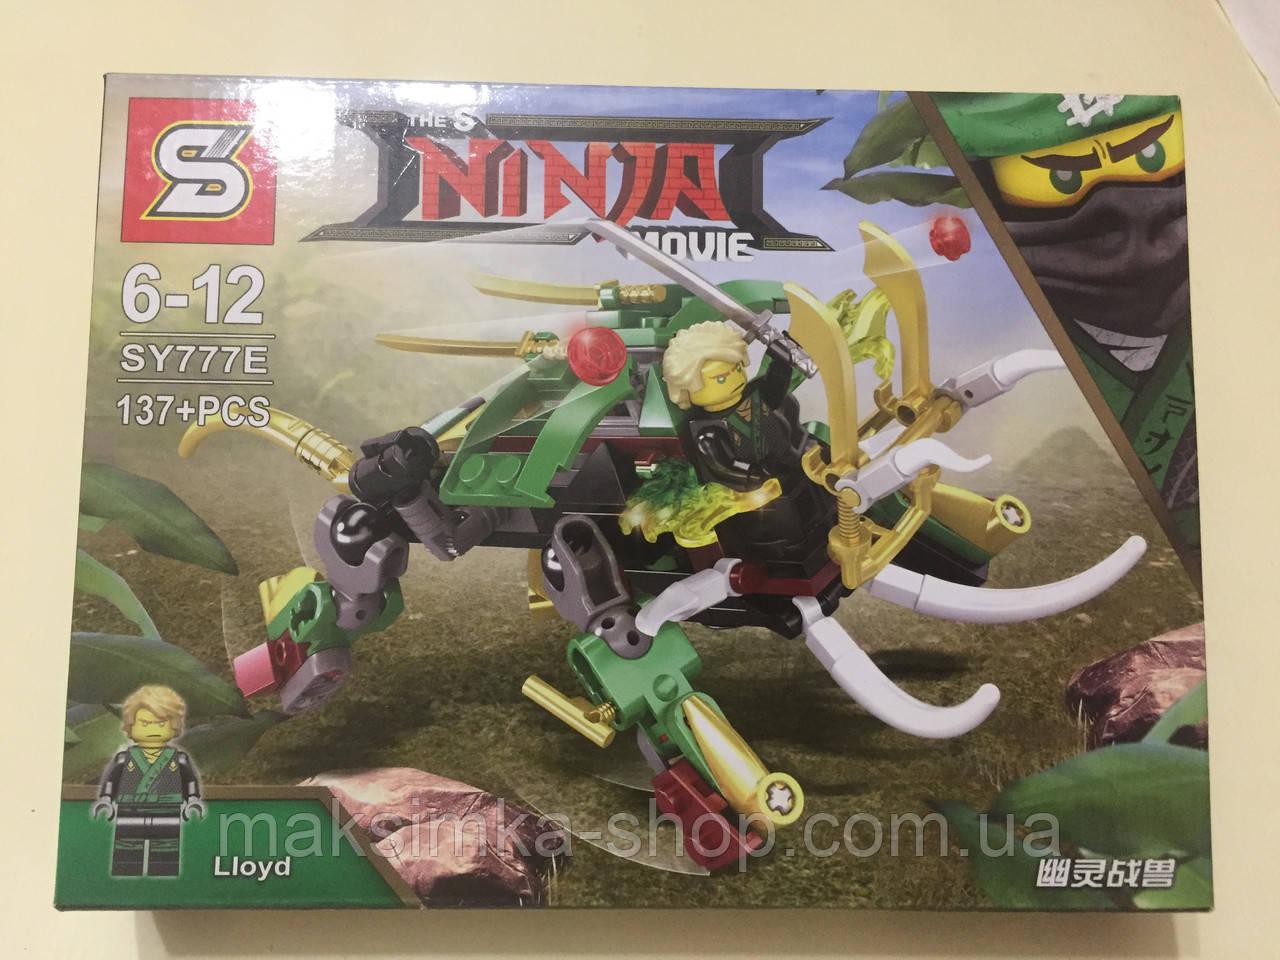 Конструктор SY777 Ninja